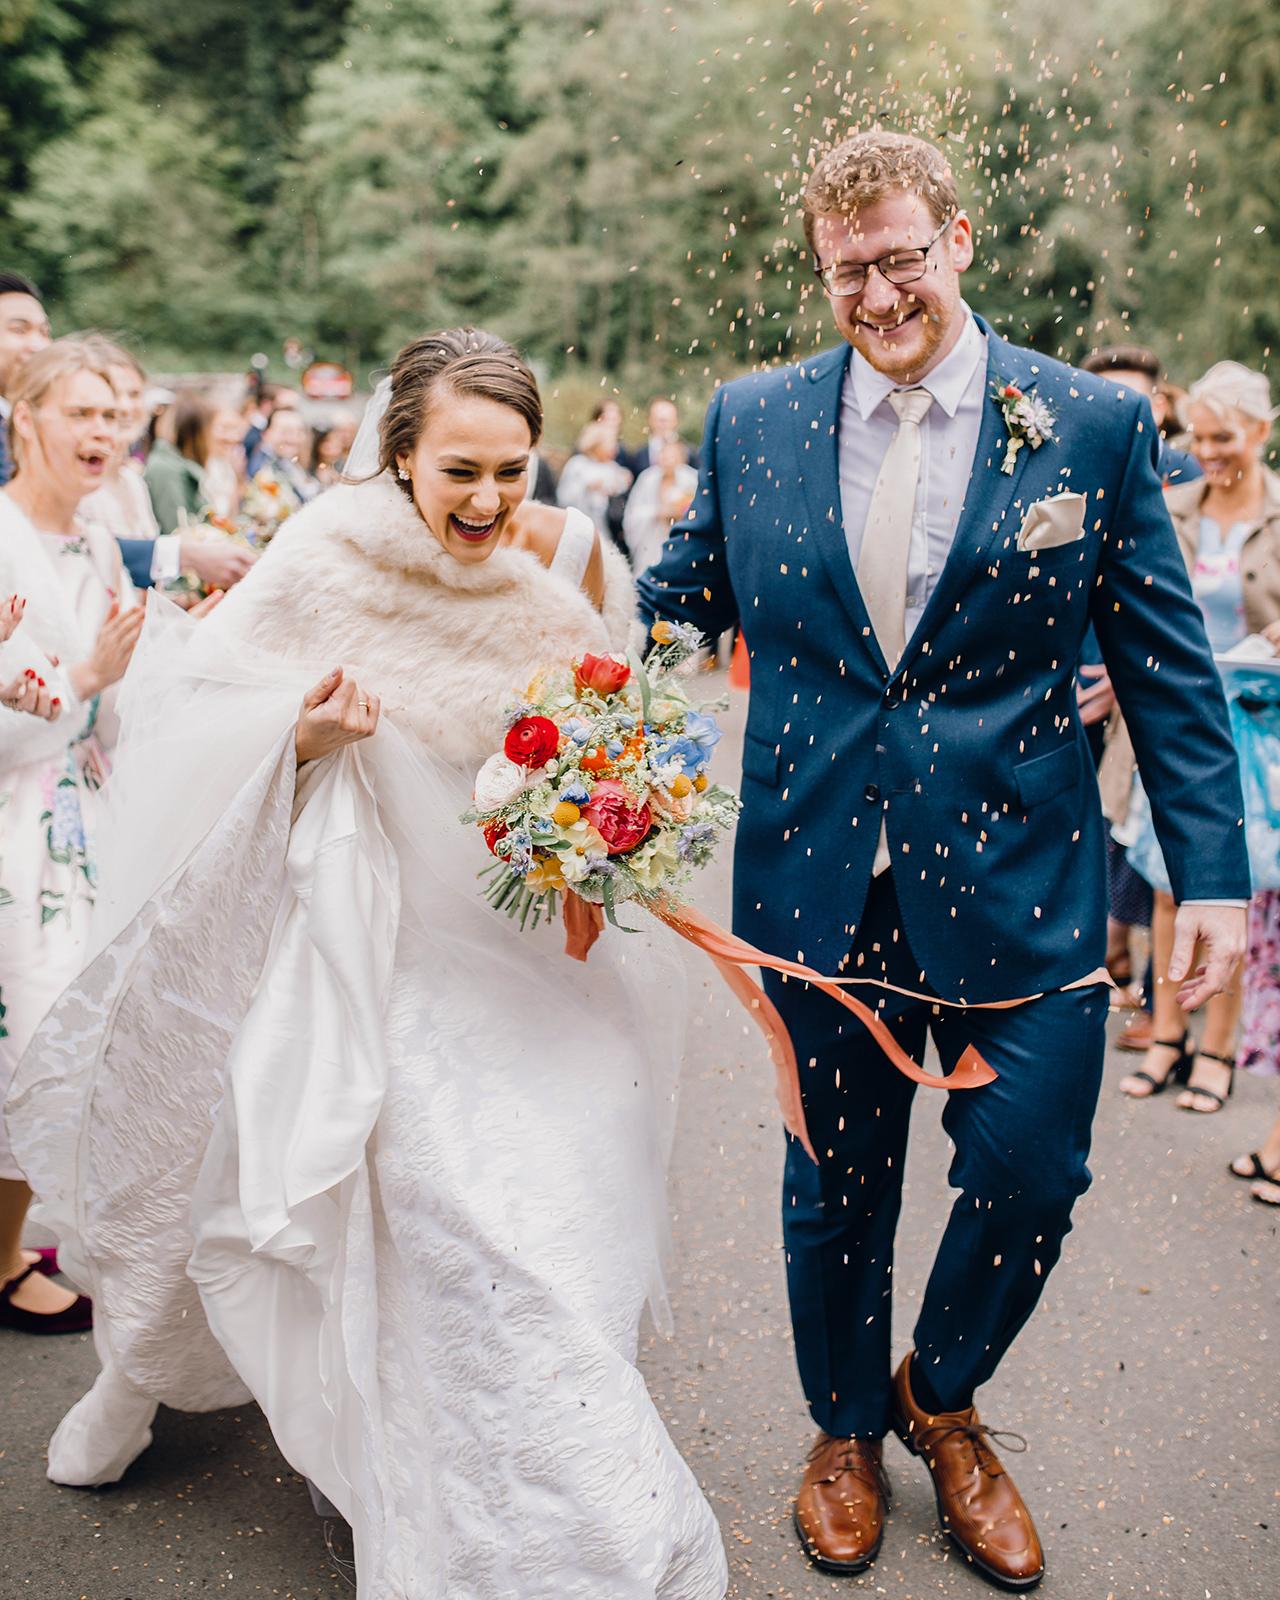 bride groom walk as guests throw confetti